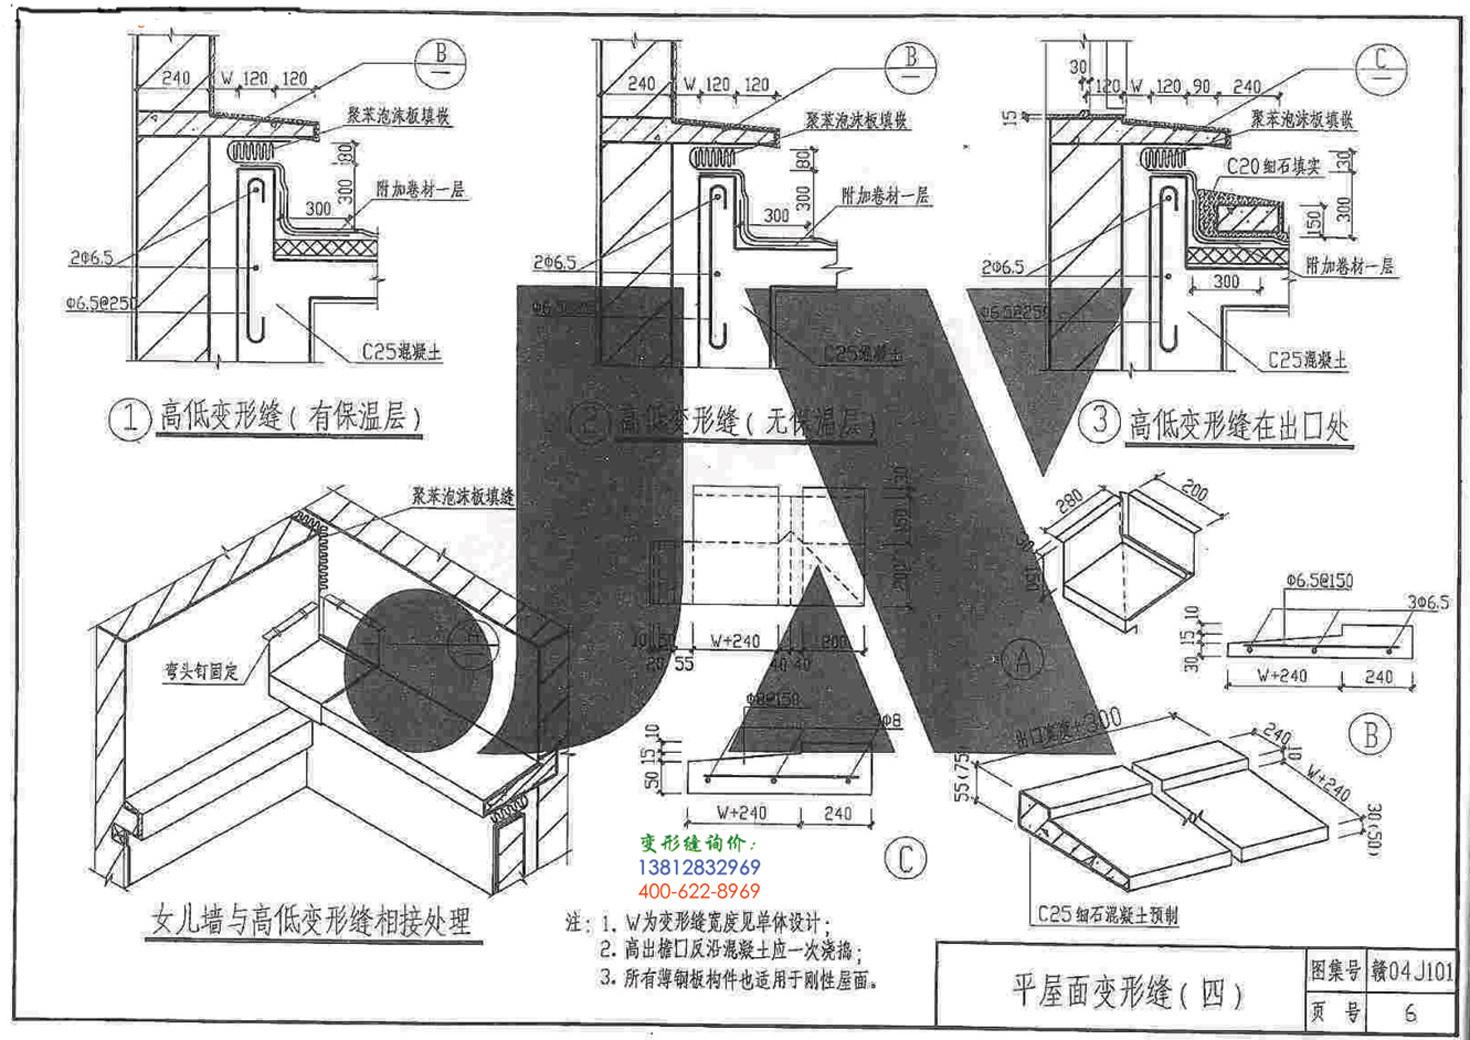 赣04J101变形缝图集第6页